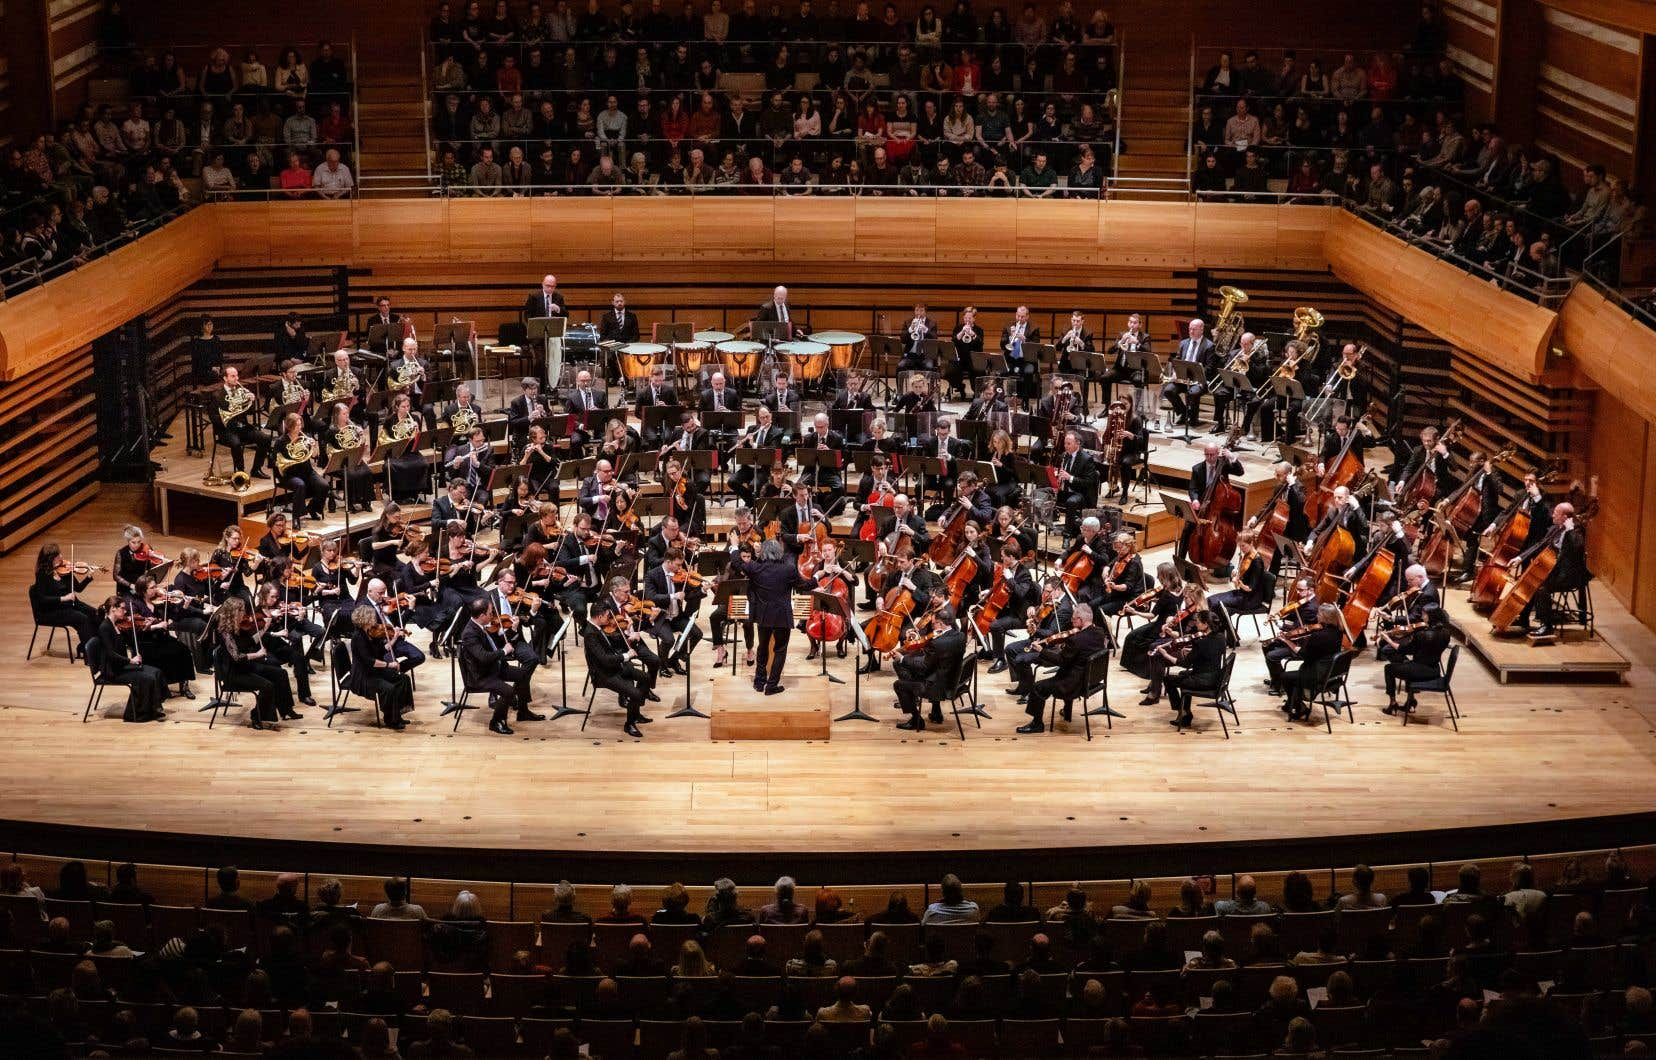 Un différend entre le chef András Schiff et l'OSM a perturbé la présentation de deux concerts en octobre.